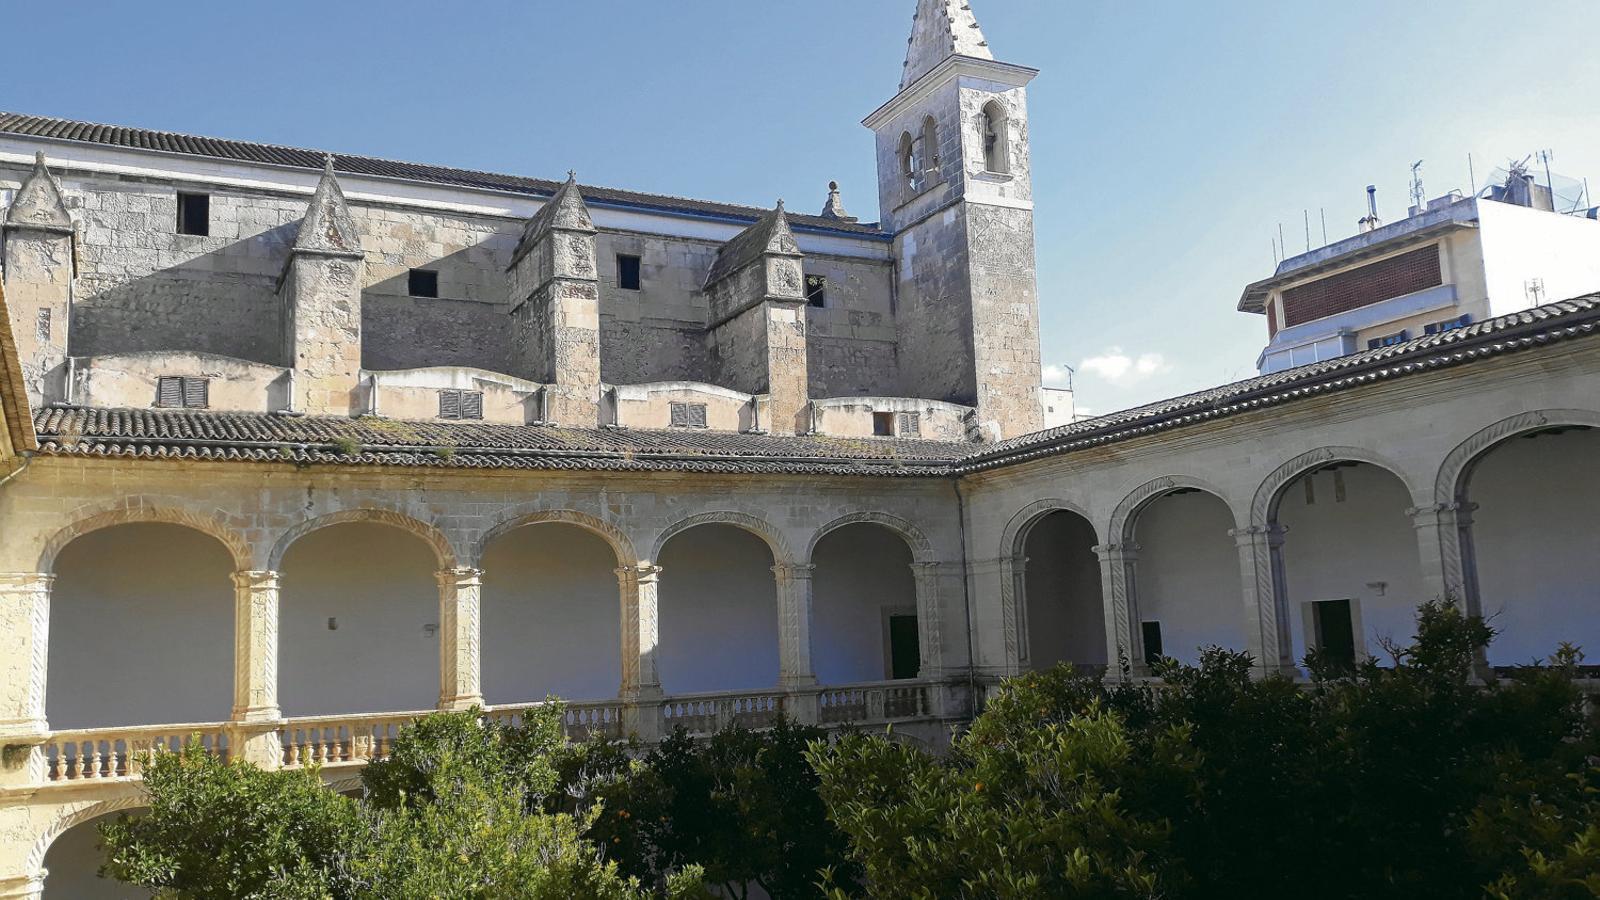 SEGLES D'HISTÒRIA   L'església del convent, aferrada a la clastra; i vista interior del temple i del pati, el qual a finals del segle XIX es va emprar com a espai educatiu per als joves del municipi.